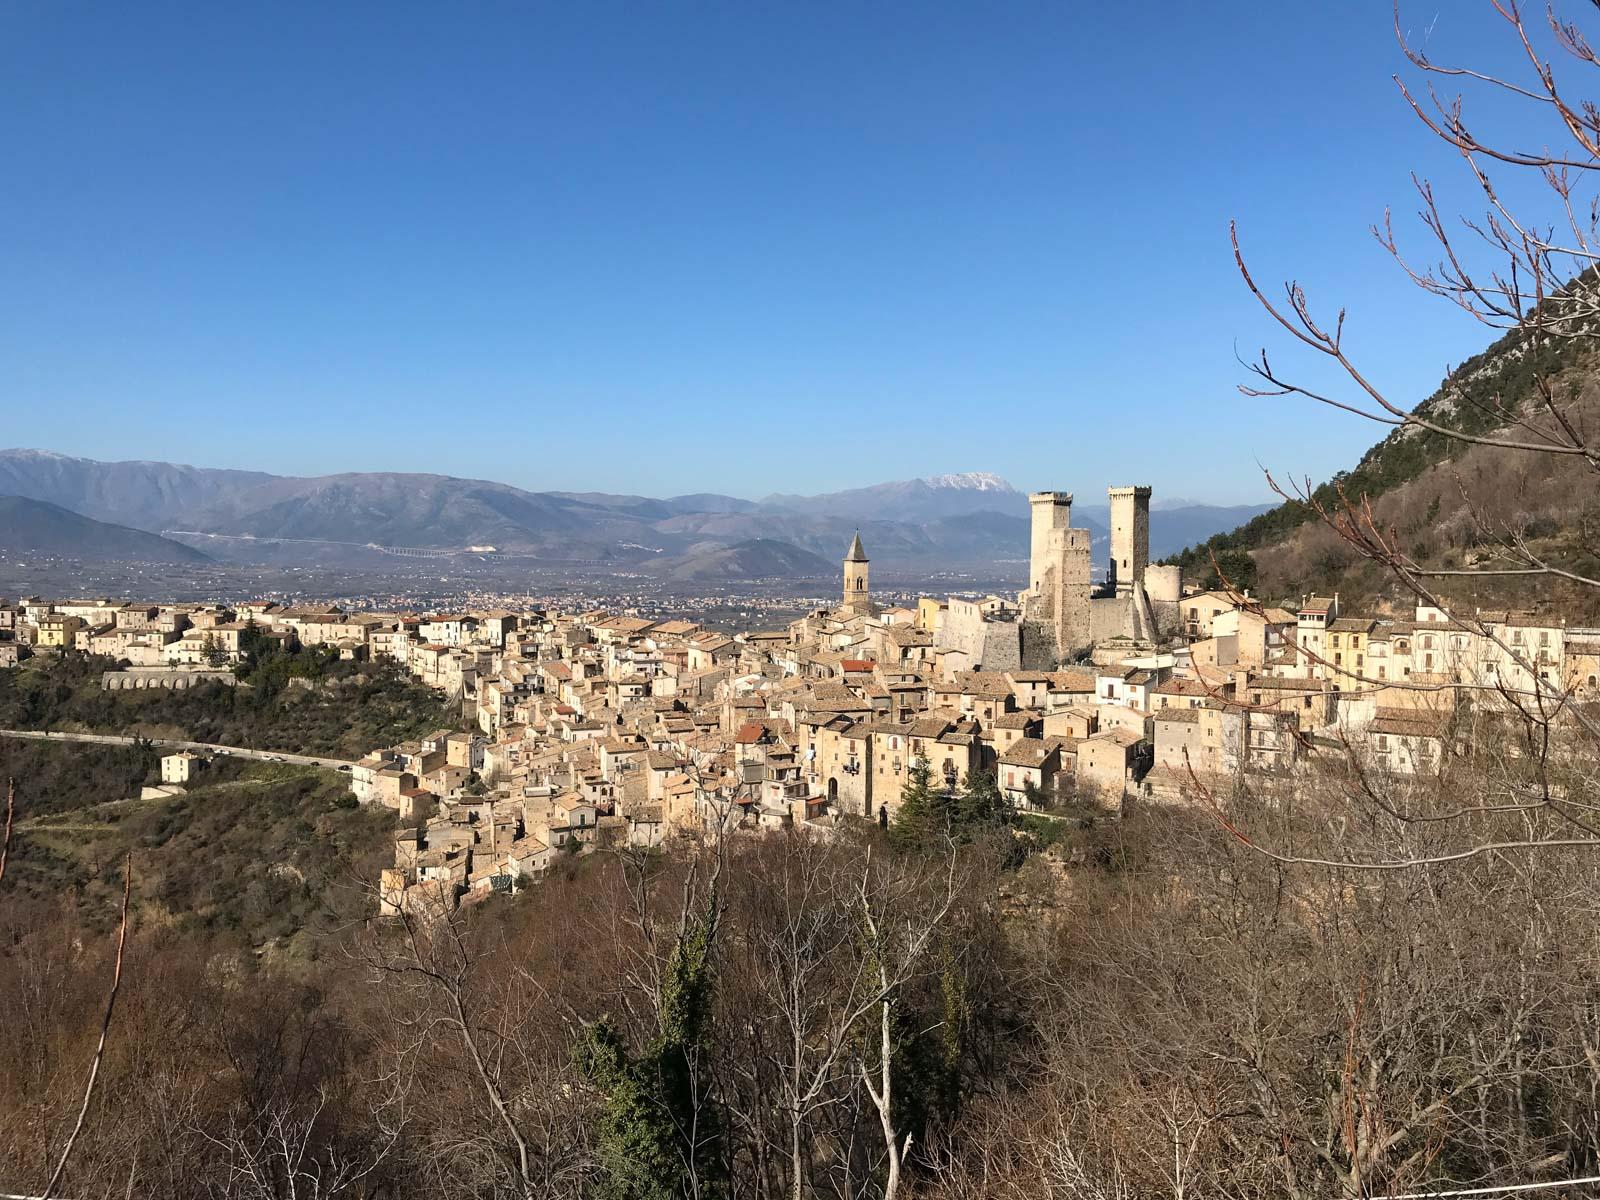 Pacentro L'Aquila, Italy